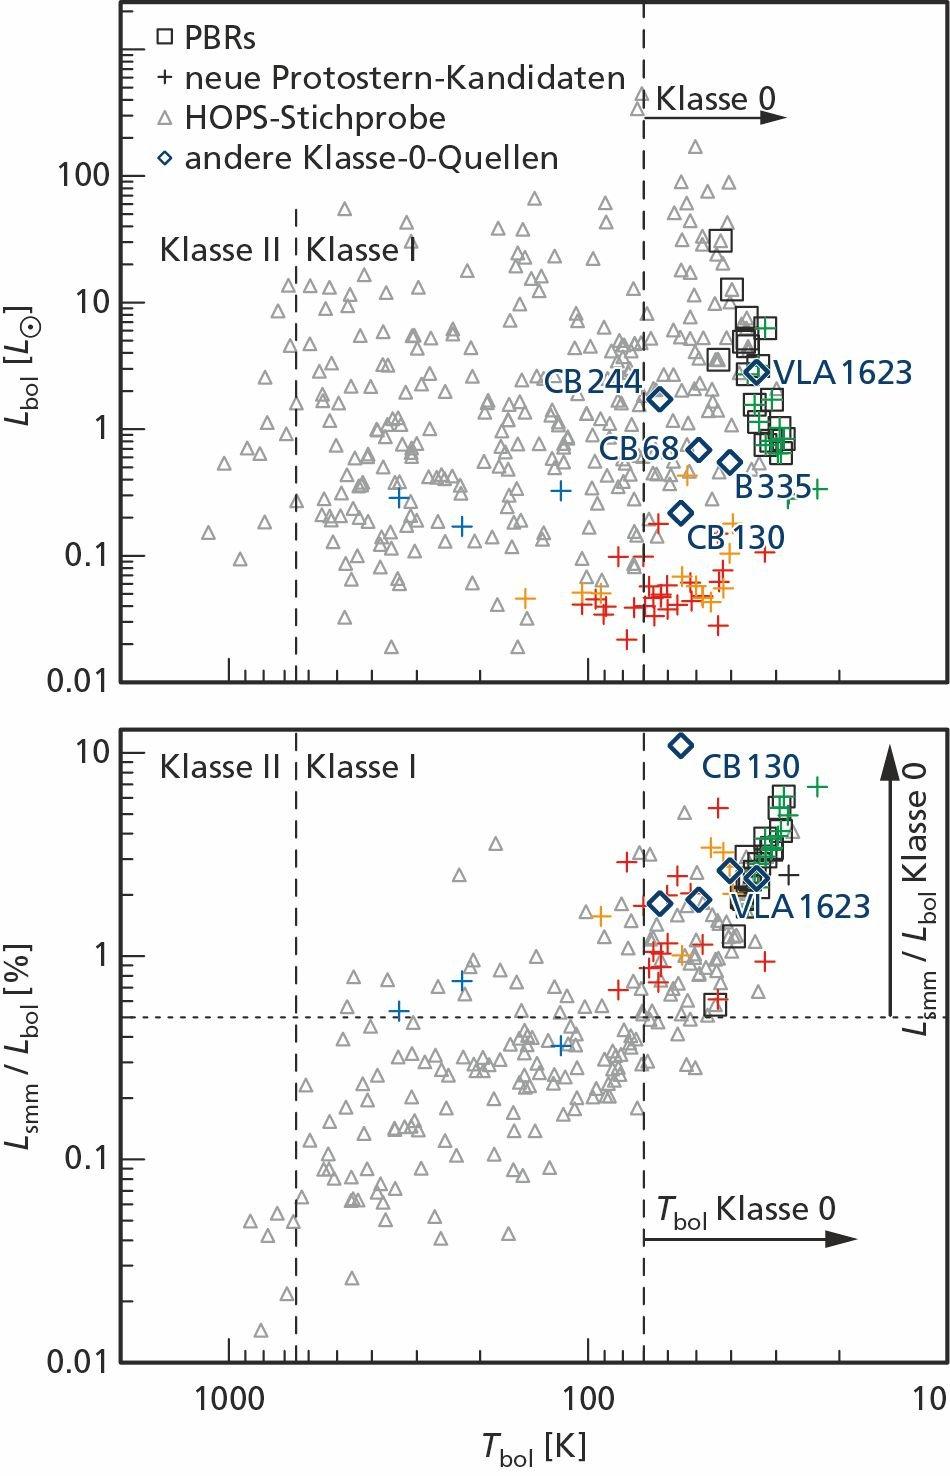 Abb. 4: Vergleich der neuen Protostern-Kandidaten (1-Symbole) mit den Protosternen des Herschel Orion Protostar Survey (HOPS; hellgraue Dreiecke). Die